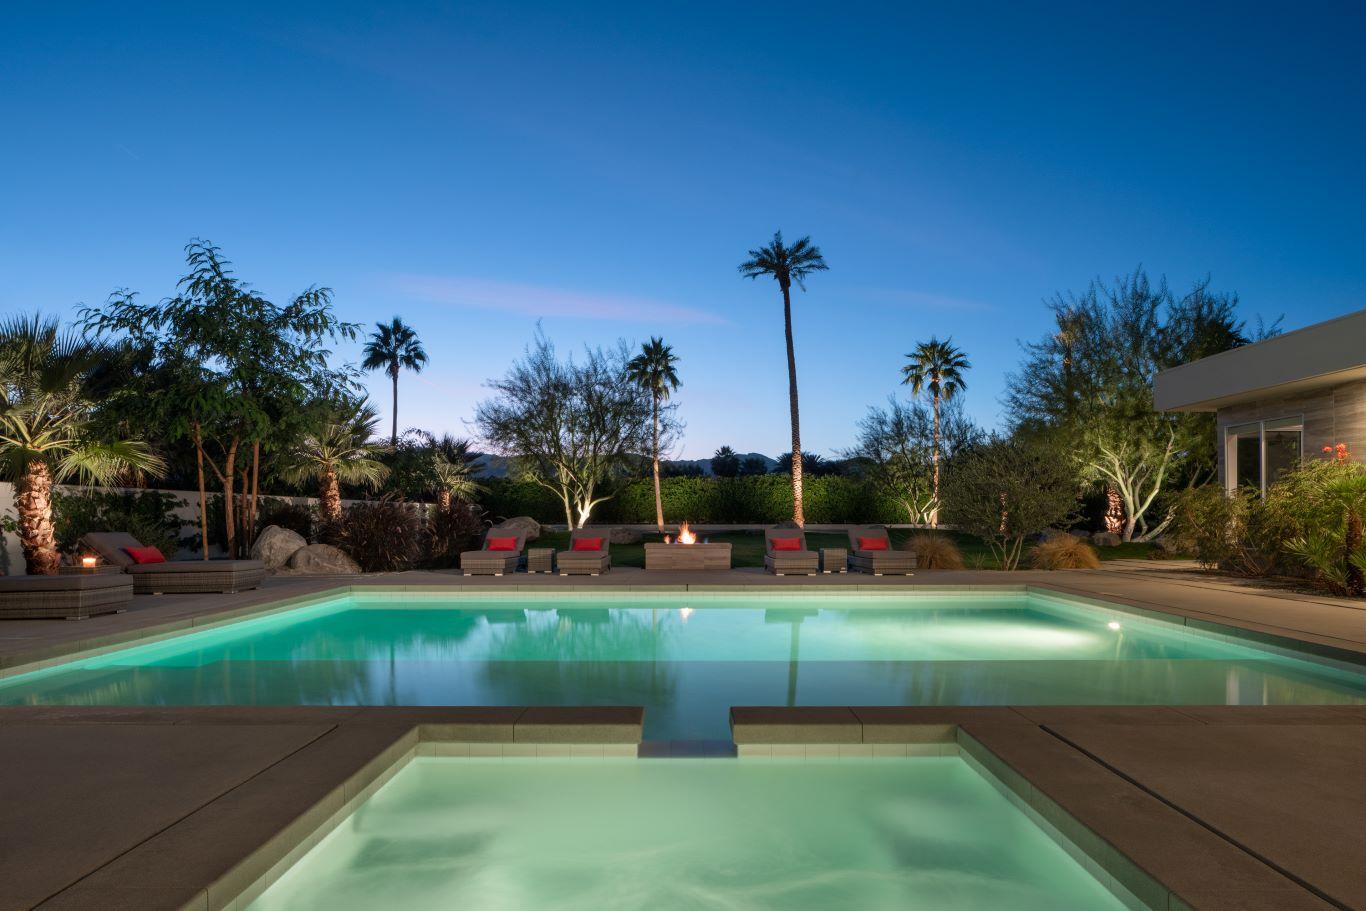 Pool & Spa at Night